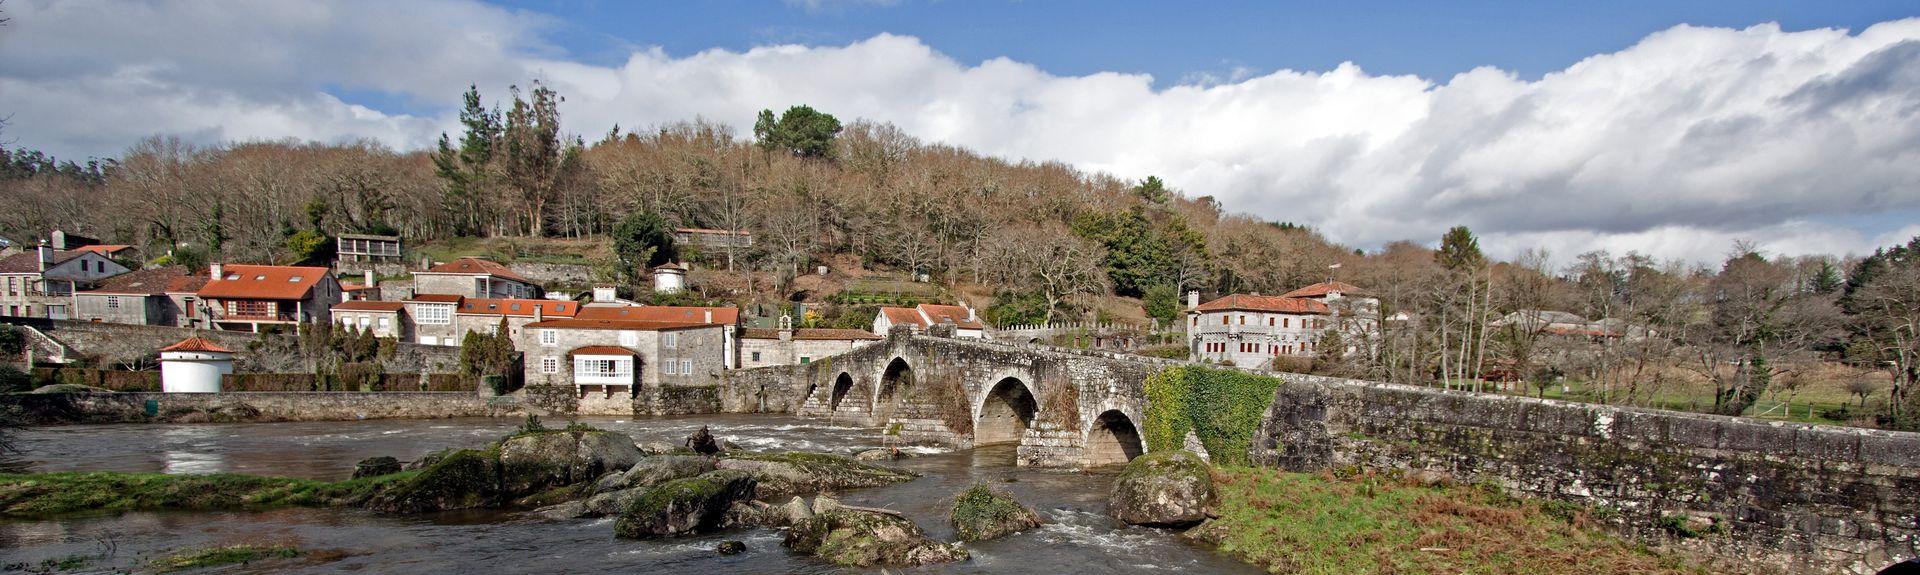 Ames, Galicia, Spain